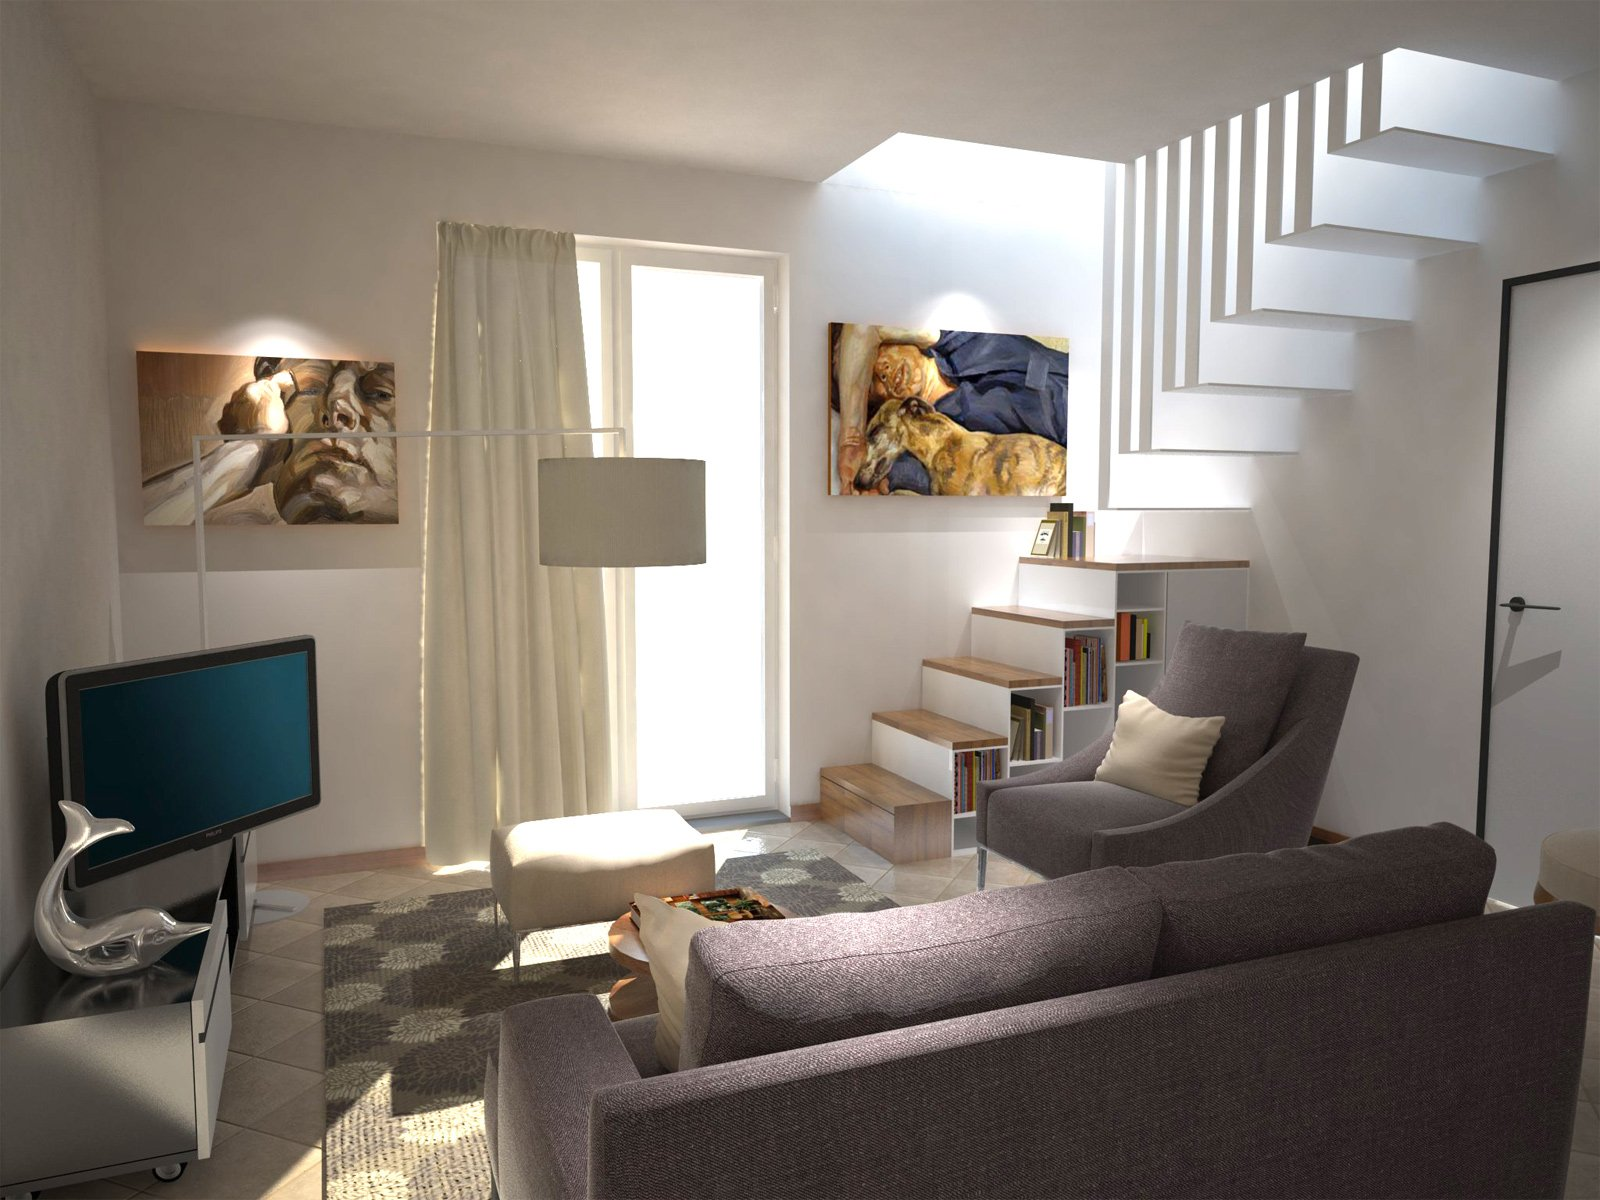 Arredare un soggiorno con tante aperture sulle pareti for Seggiole moderne